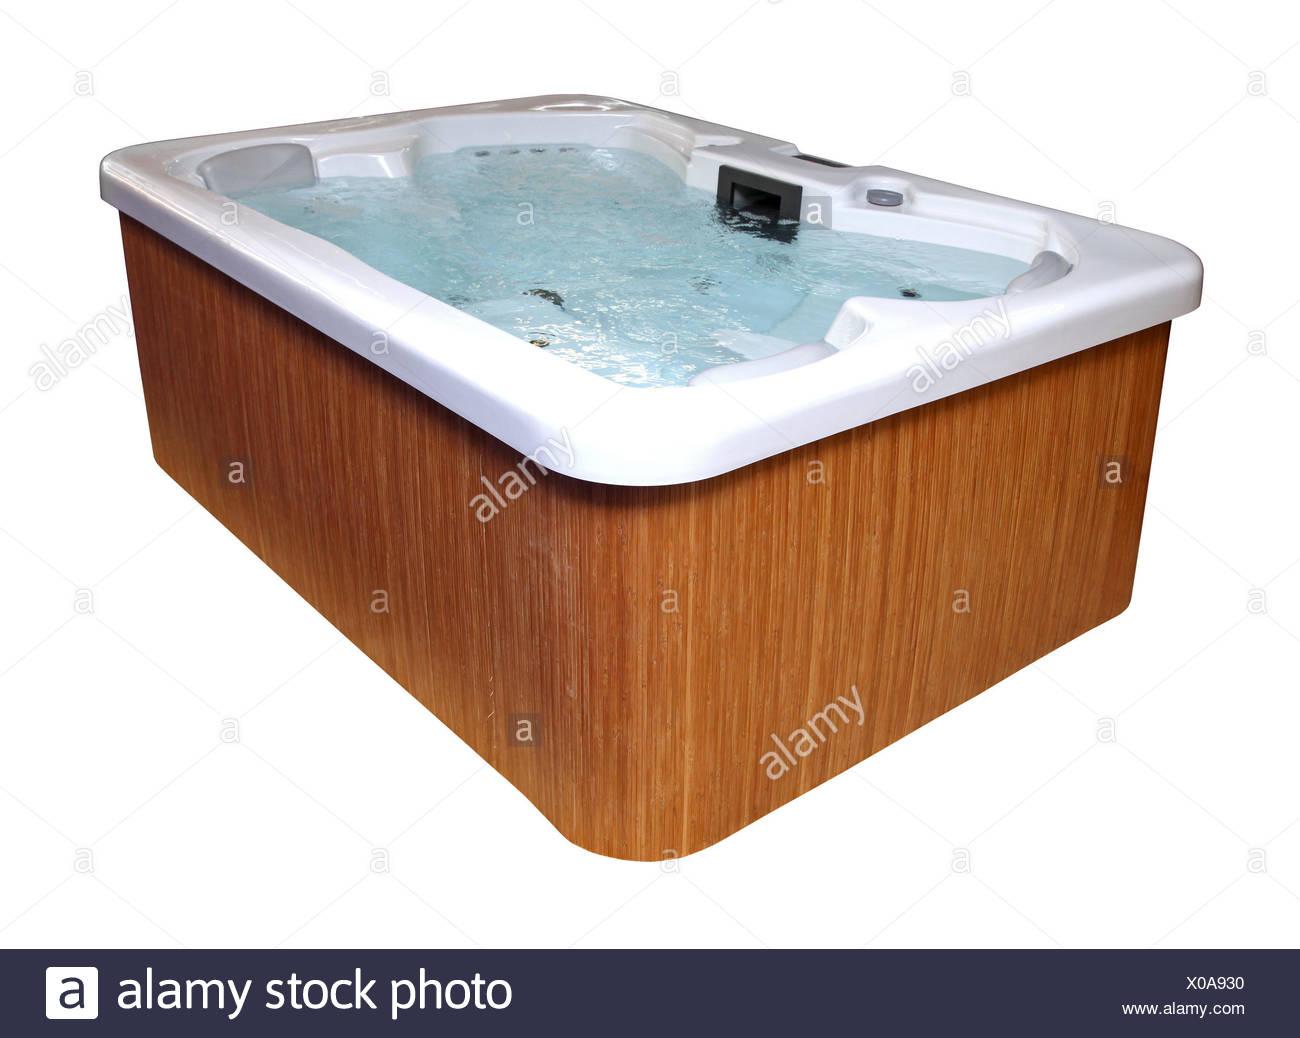 Vasca Da Bagno Legno : Vasca da bagno moderna con struttura in legno e lavorazioni